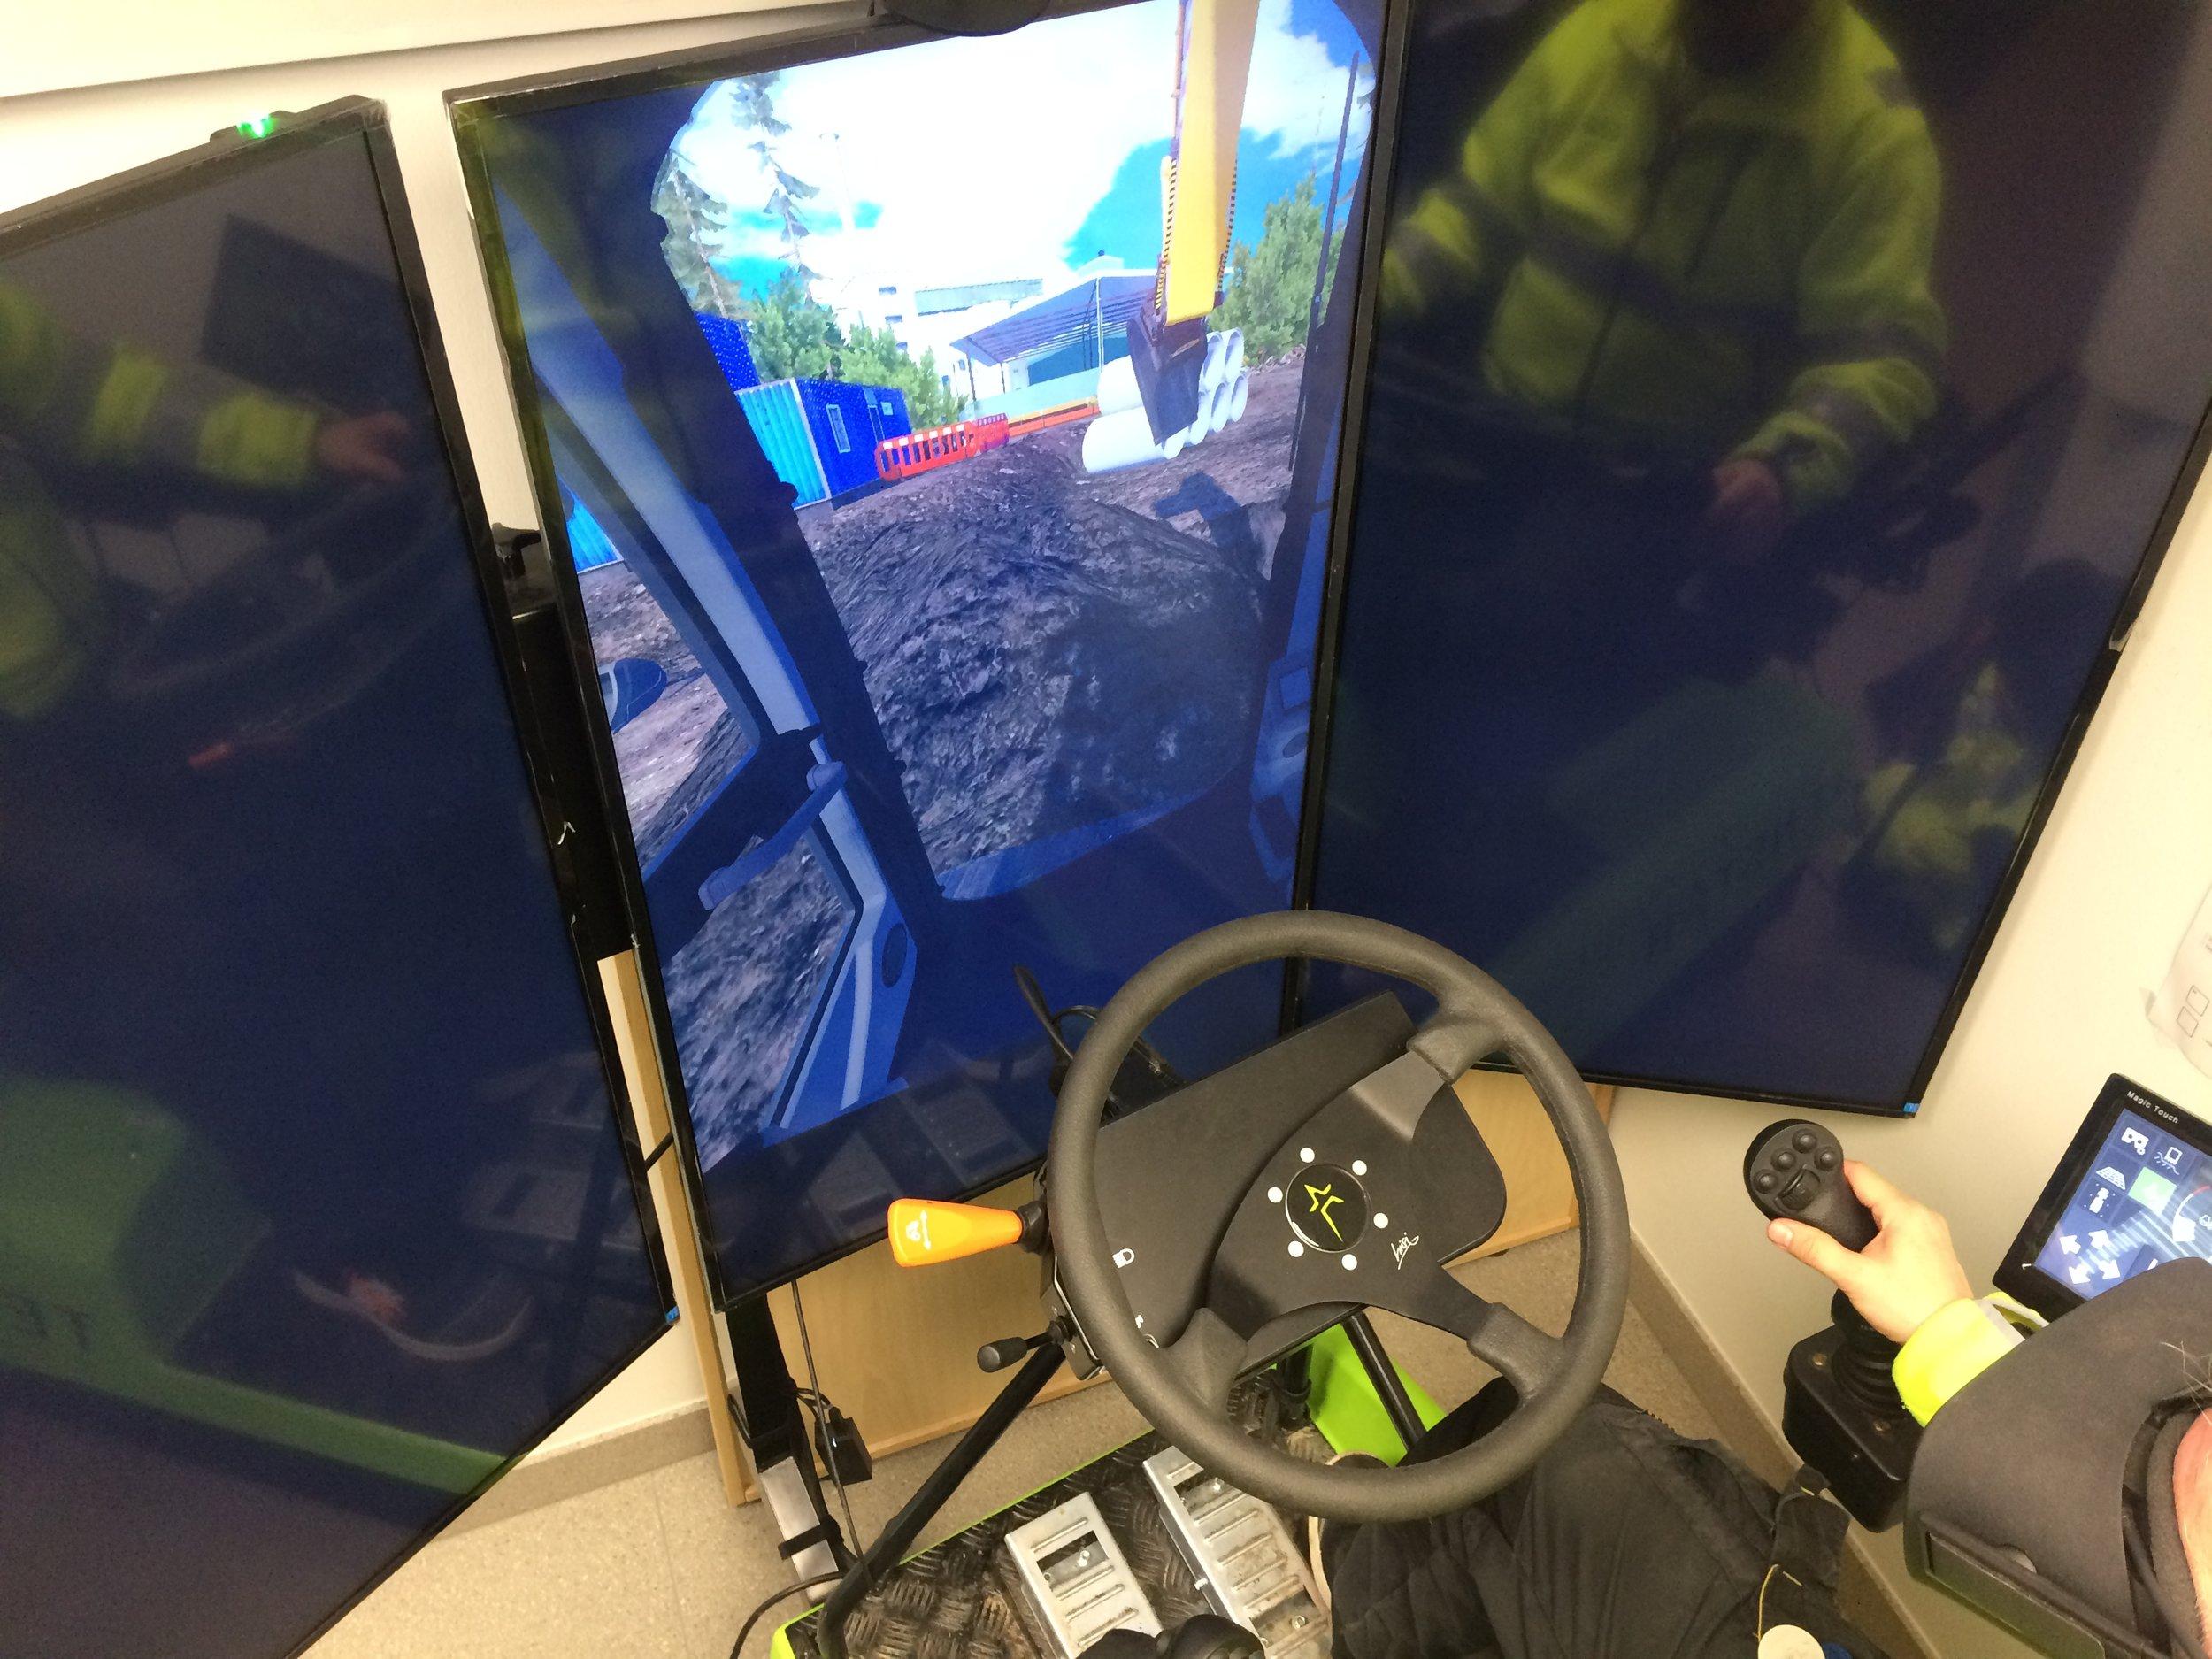 Virtuaalilaseilla operoidessa opettaja näkee yhdestä ruudusta ohjaamokuvan. Tämä mahdollistaa ohjeistamisen ja tehtävän edistymisen seuraamisen